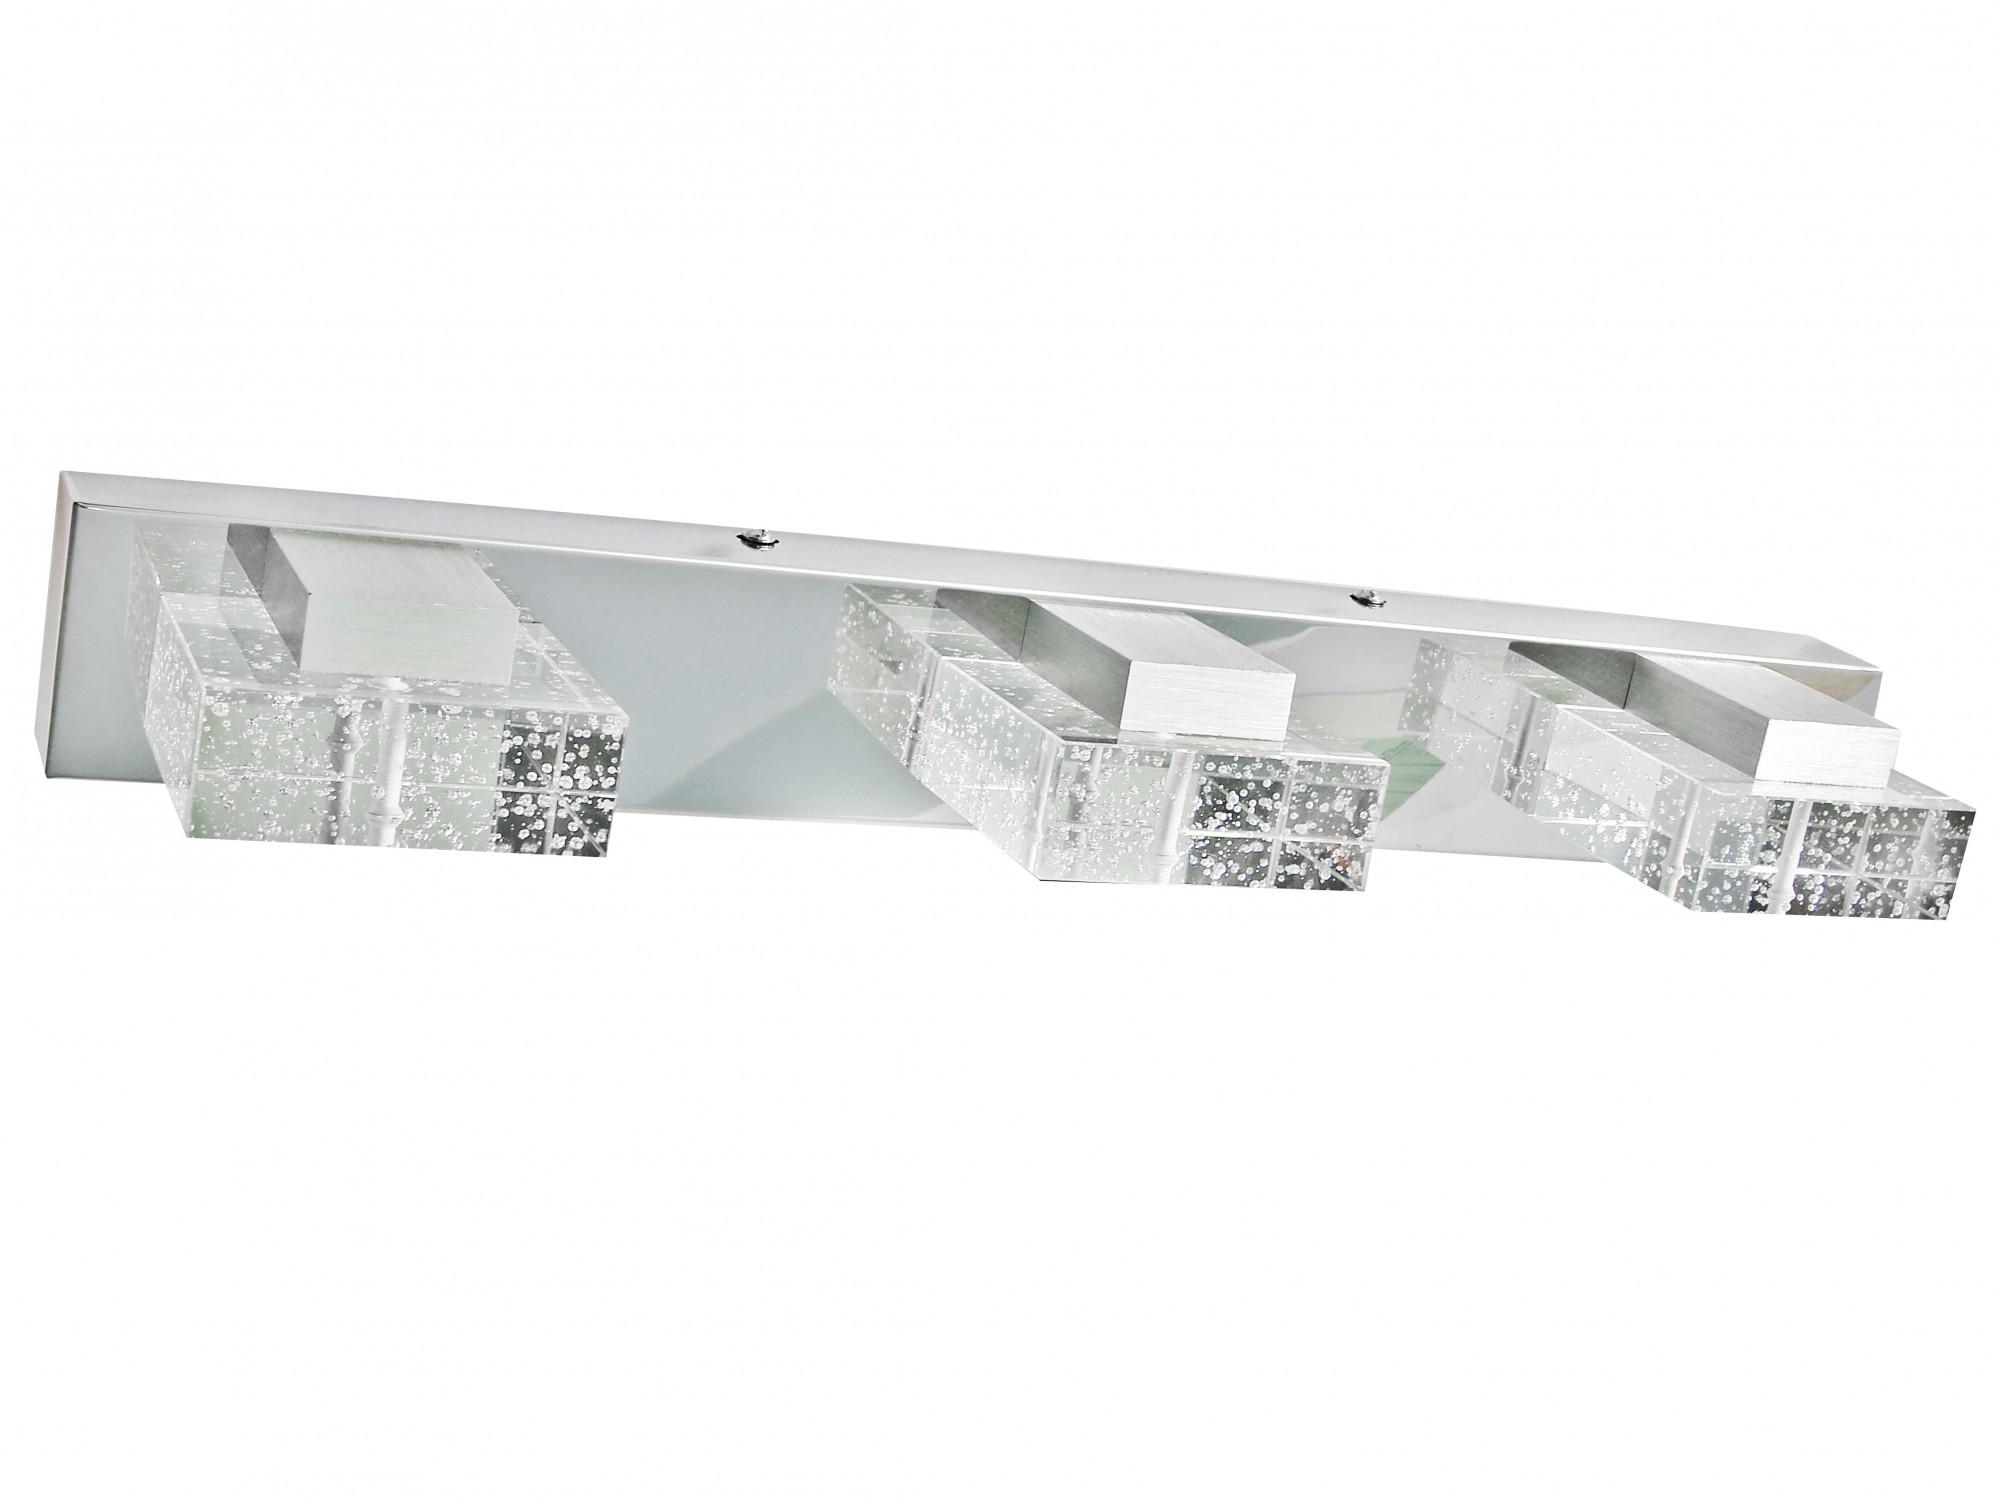 Kinkiet Led łazienkowy Lampa Nad Lustro 9w 46 Cm